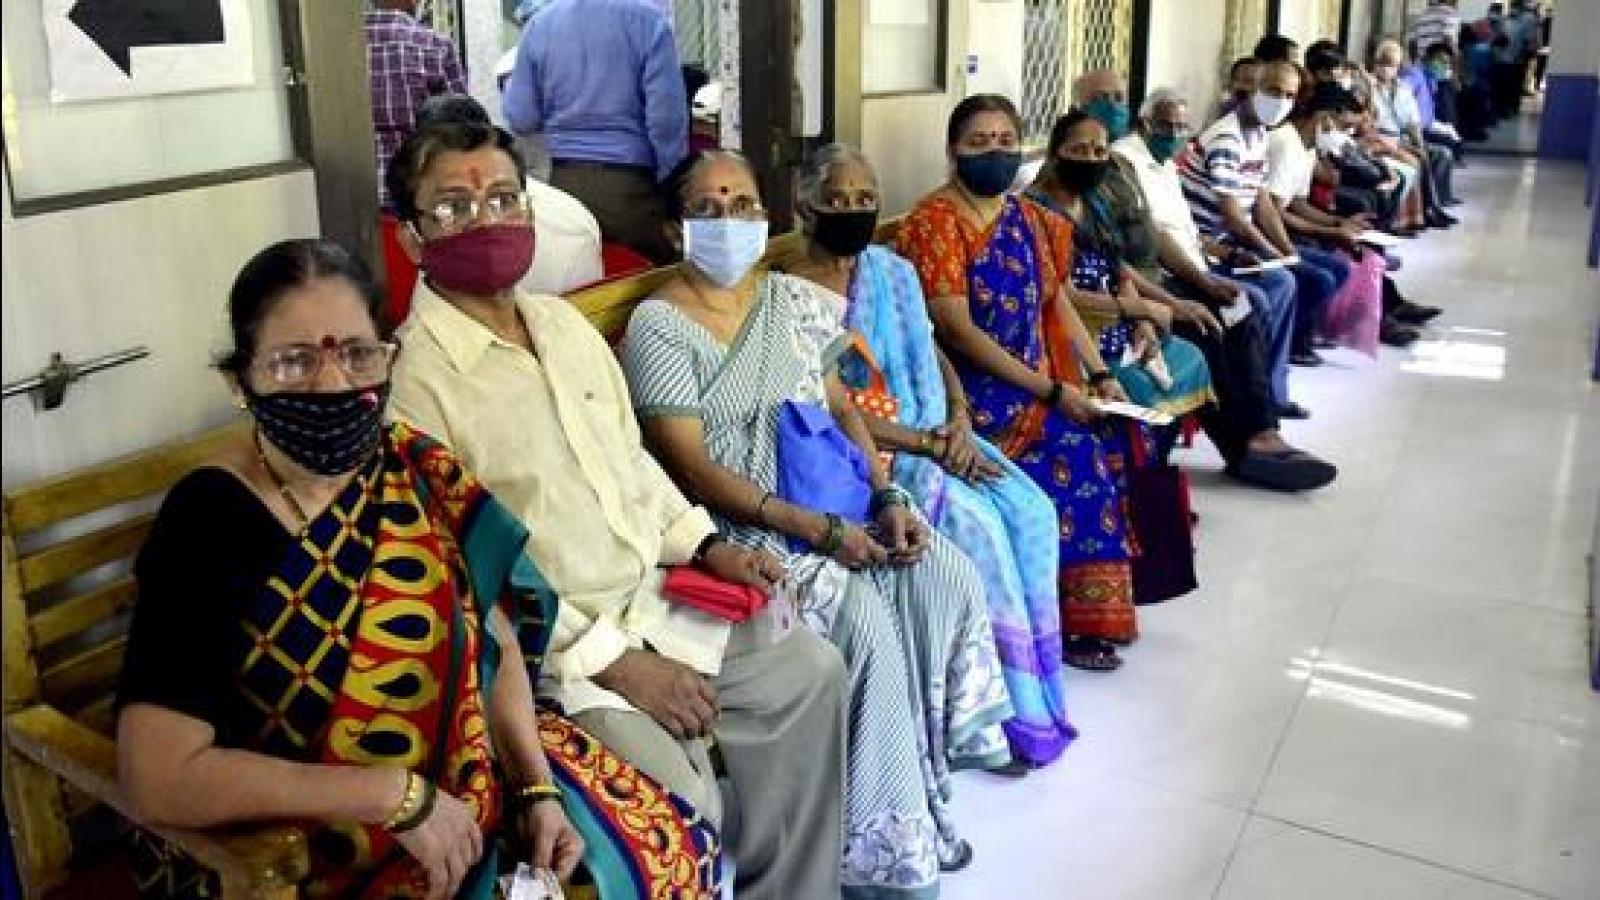 Covid-19 làm giảm 2 năm tuổi thọ trung bình của người Ấn Độ